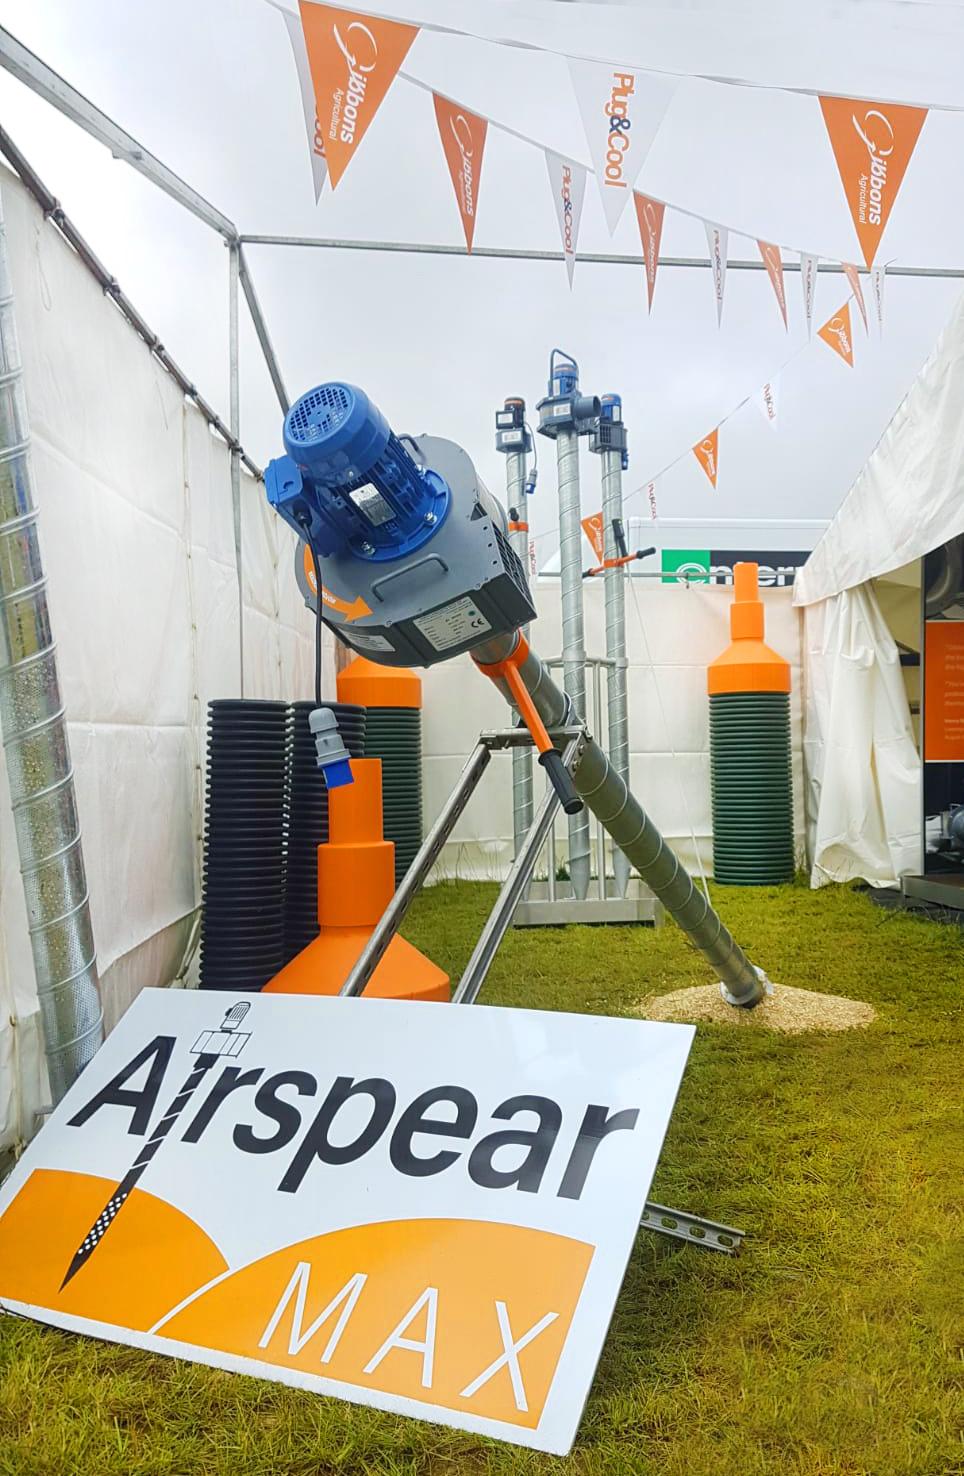 Airspear Max